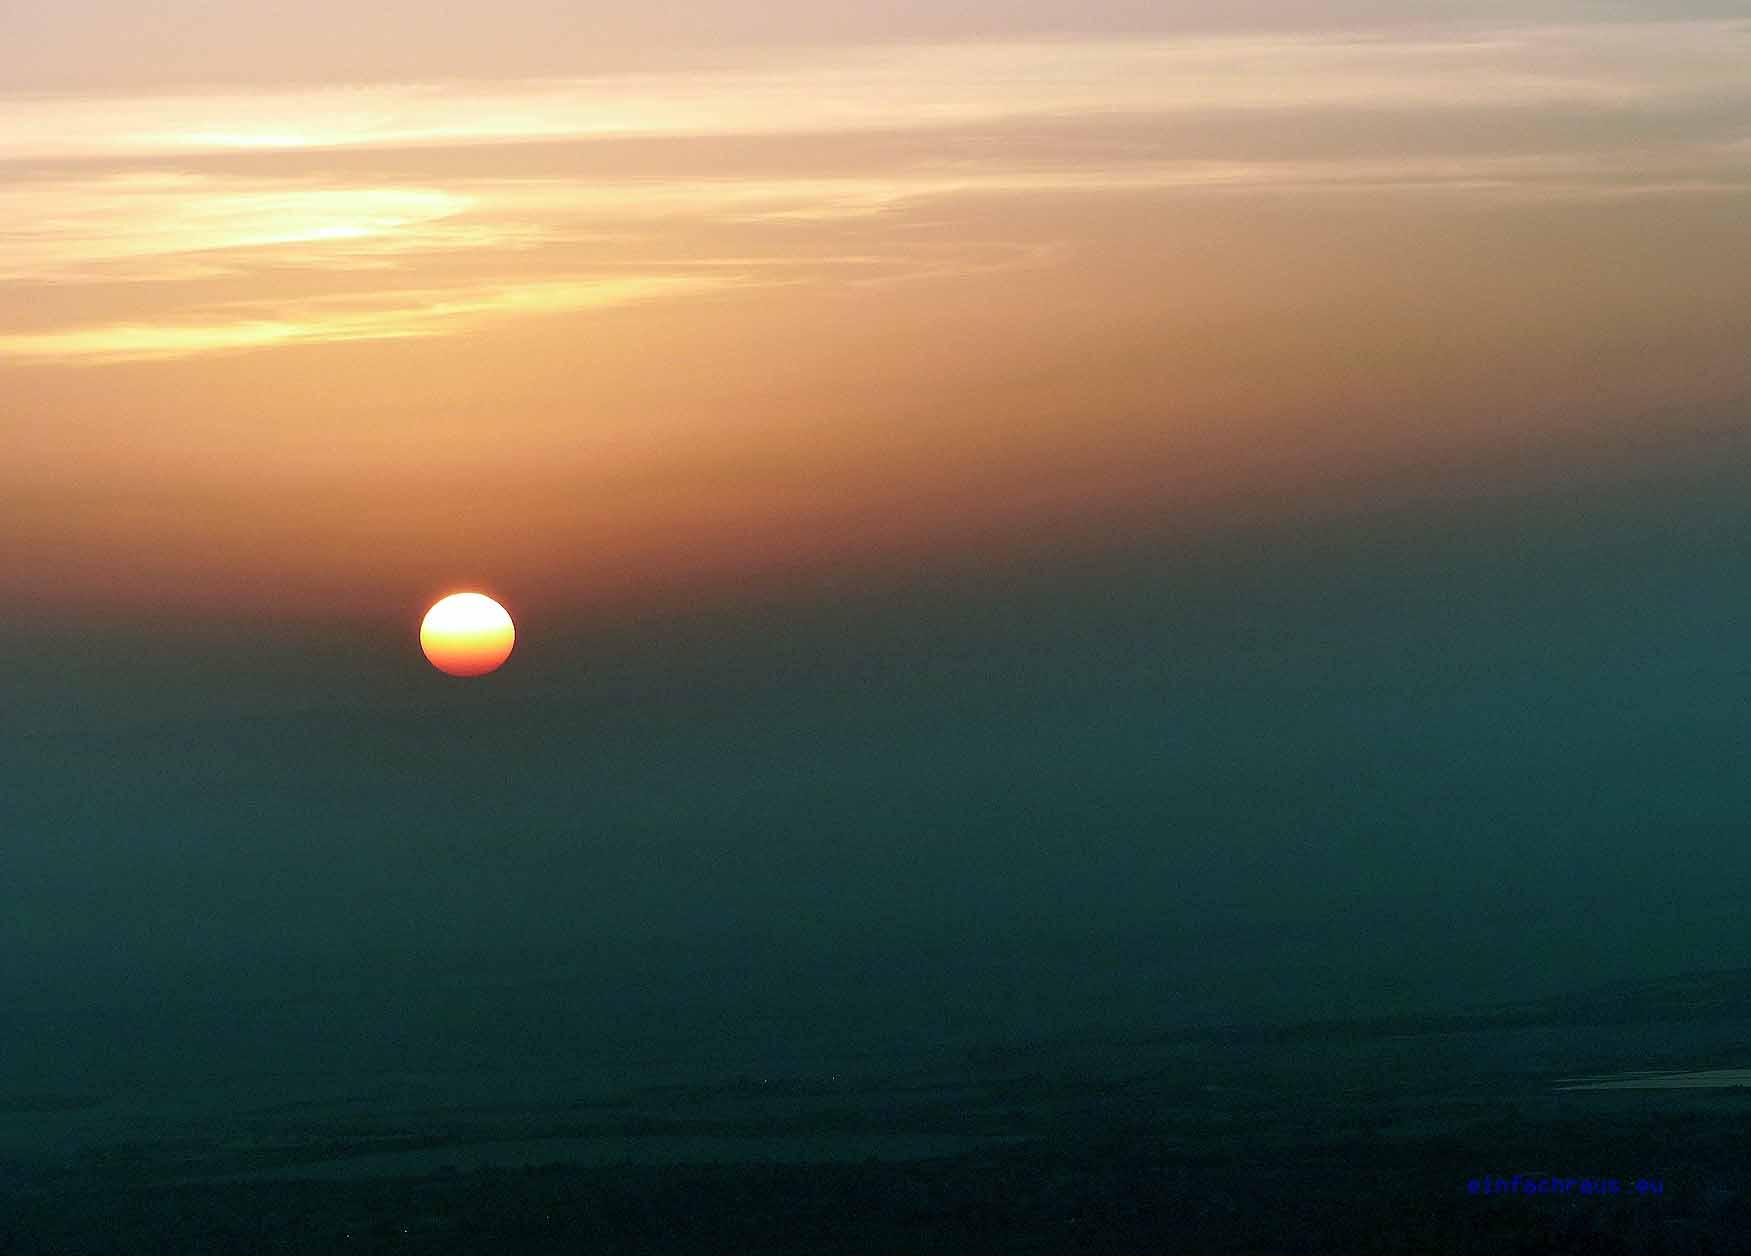 Sonnneaufgang, vom Heissluftballon aus beobachtet, Foto: Weirauch